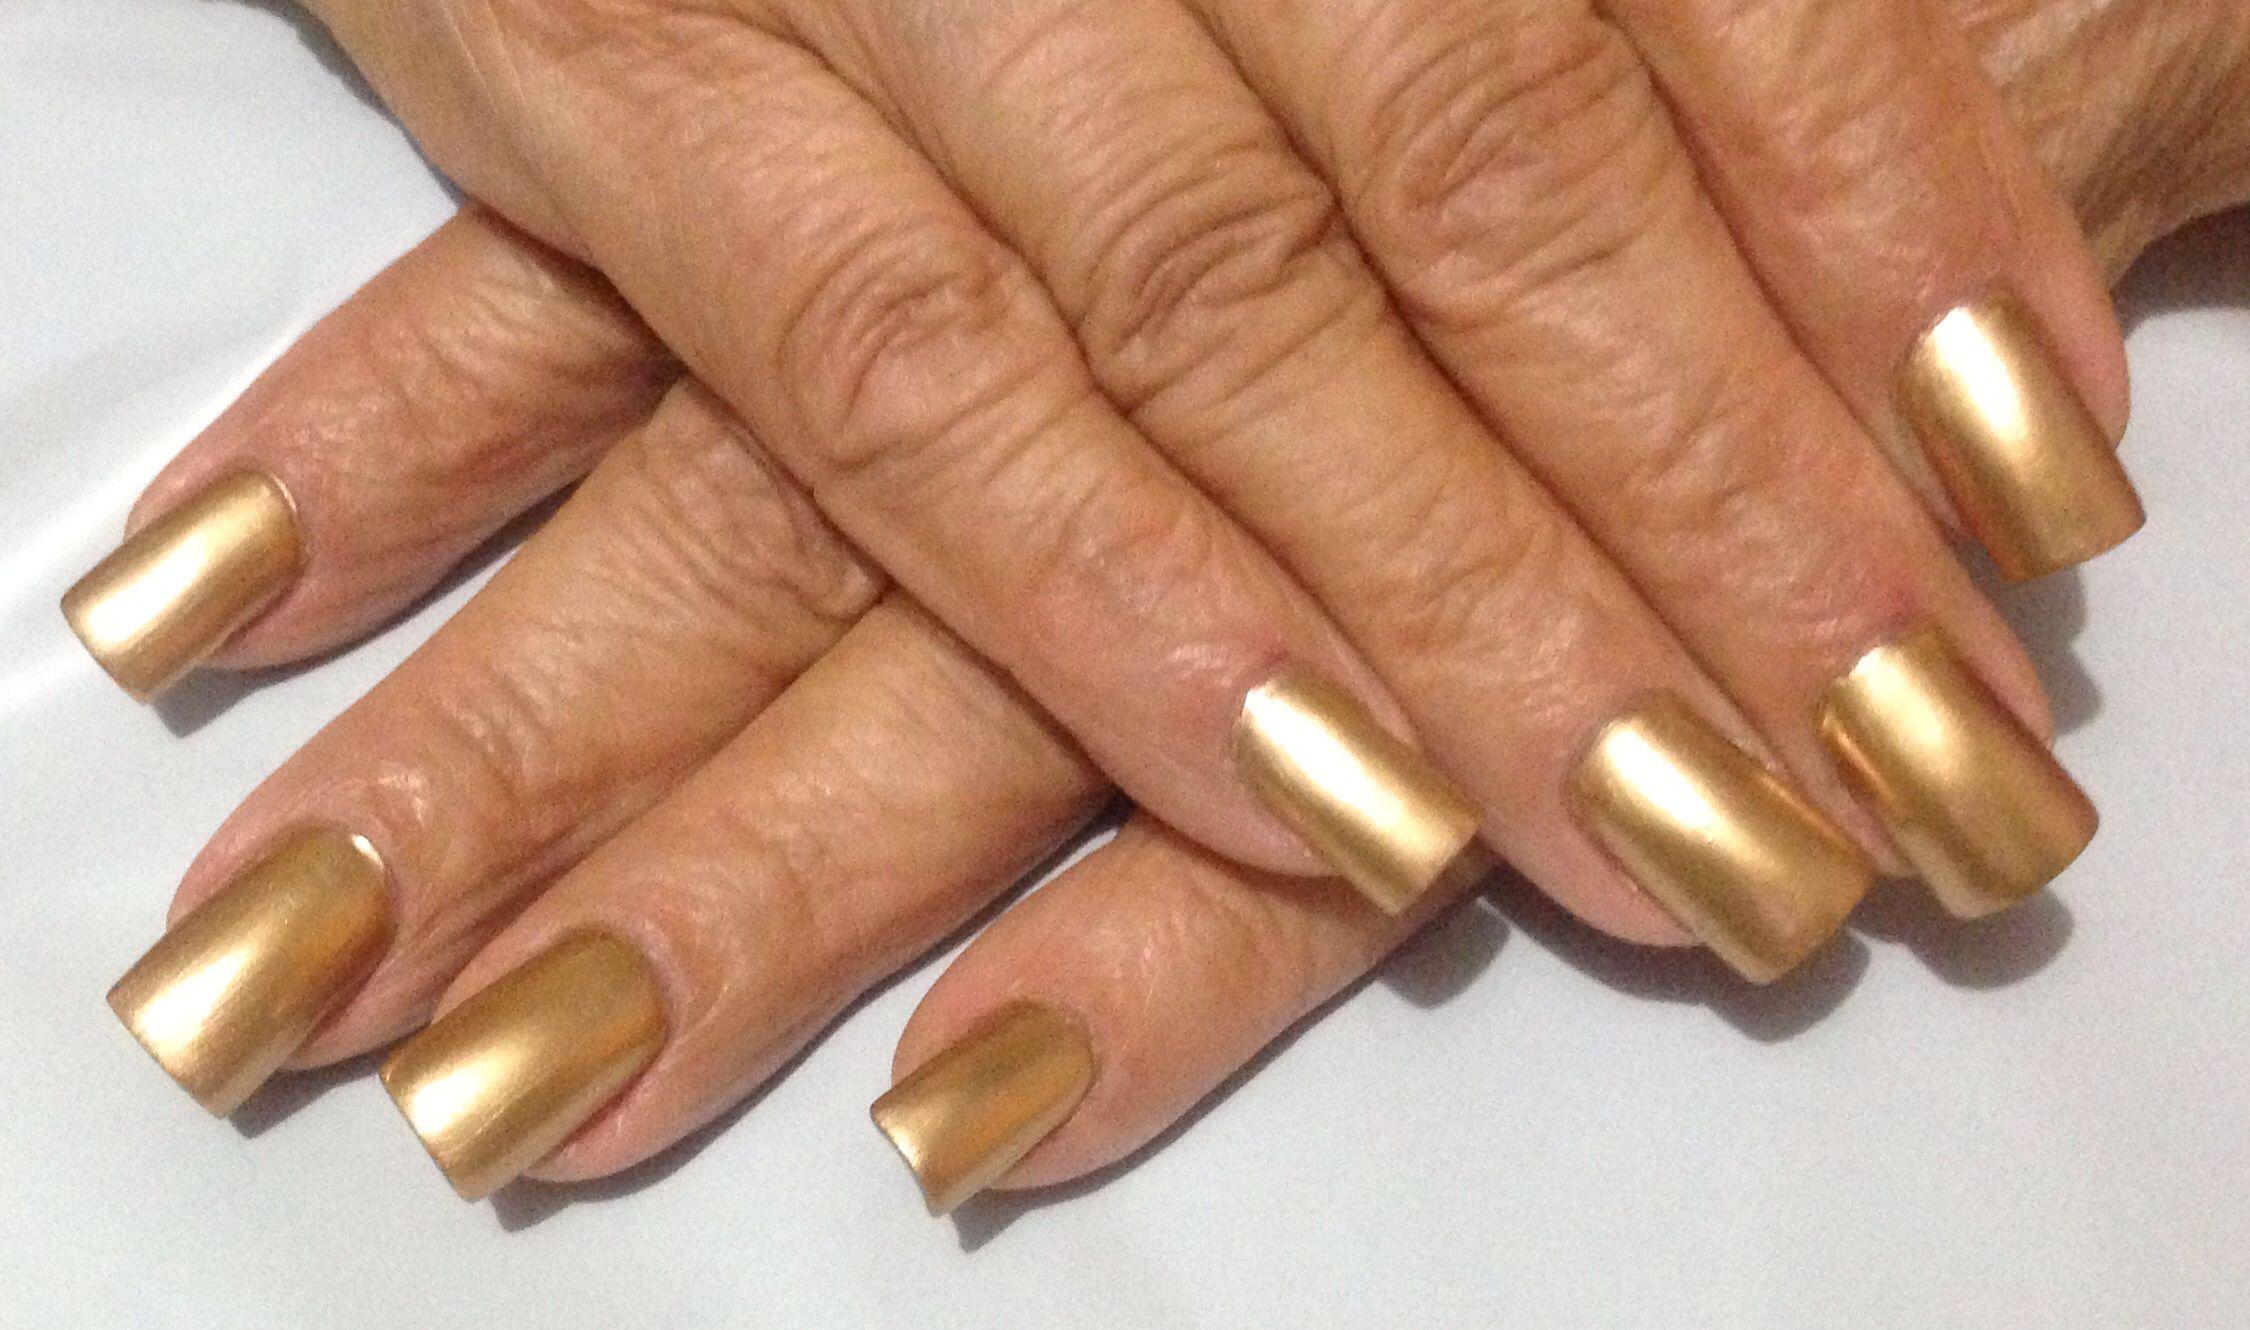 14k Gold Nails